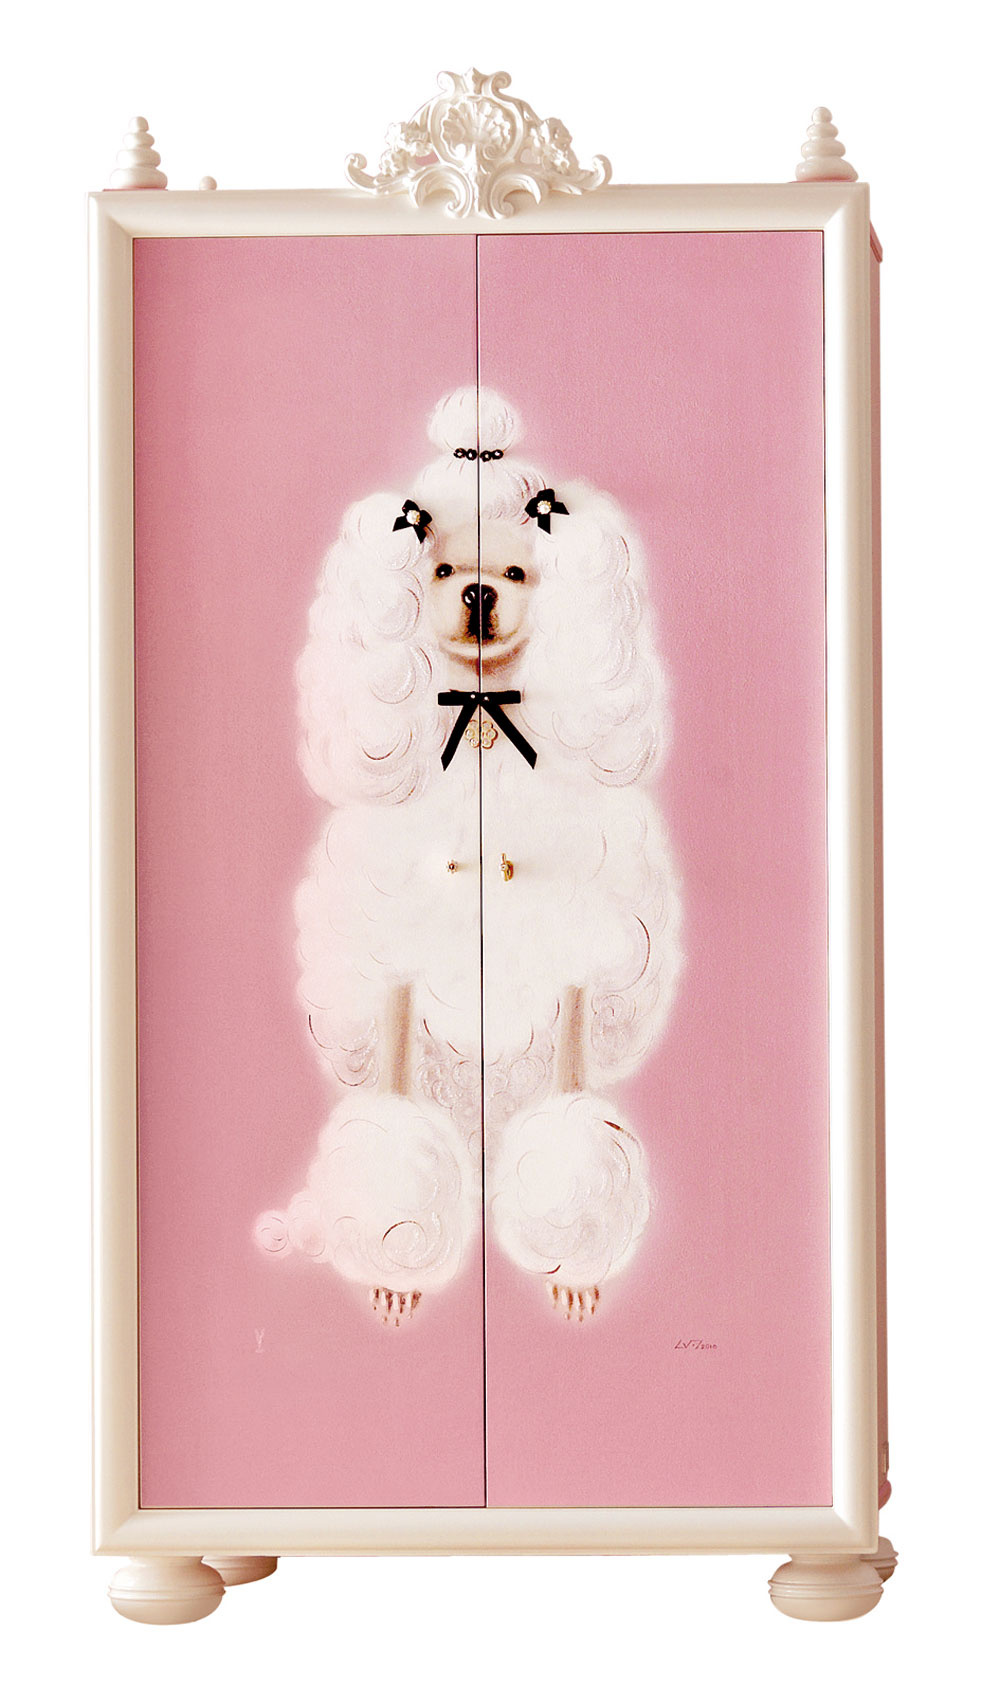 Kolekcia Lolita je určená všetkým, ktorí sa neberú príliš vážne. Historický tvar skrine bláznivo kontrastuje s ružovou farbou a motívom vyfinteného pudlíka.